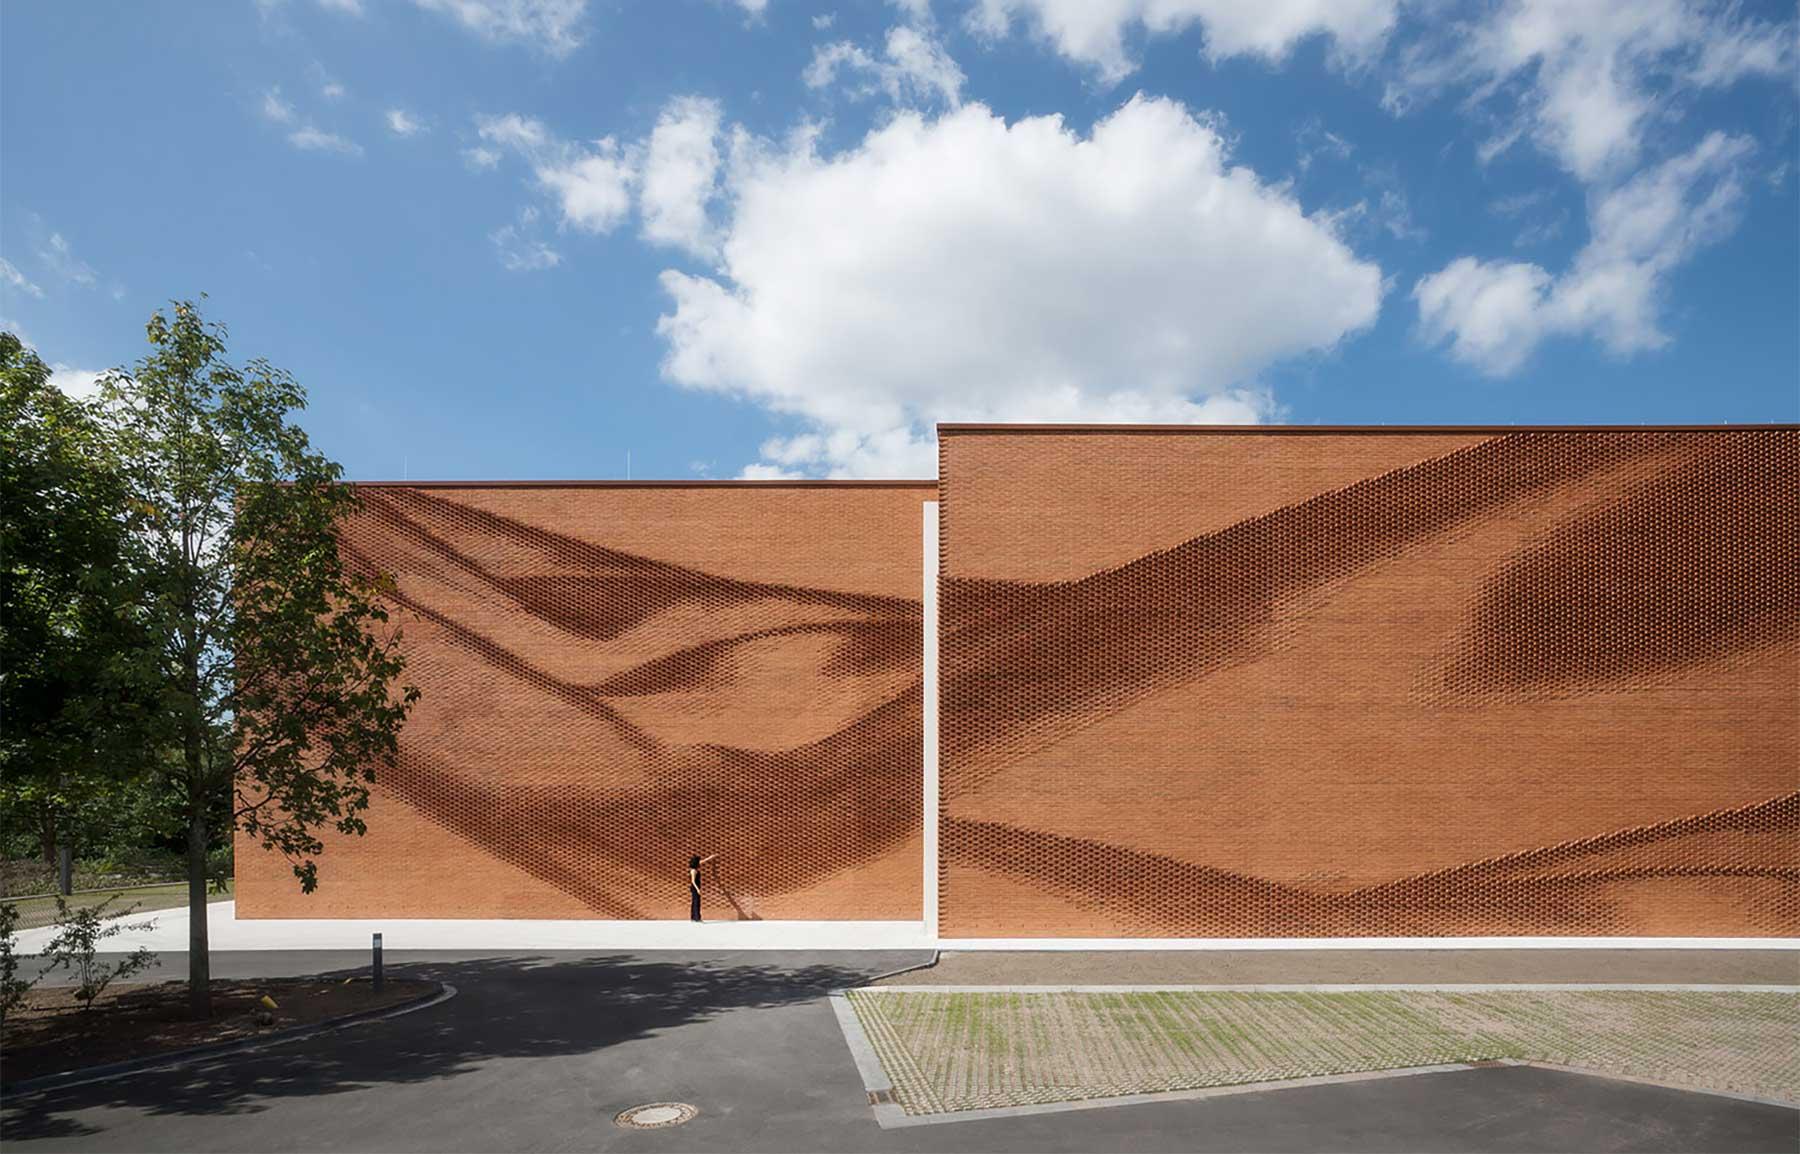 Diese Mauer macht eine La-Ola-Welle VERWALTUNGSGEBAEUDE-TEXTILVERBAND-MUENSTER-WAND_02